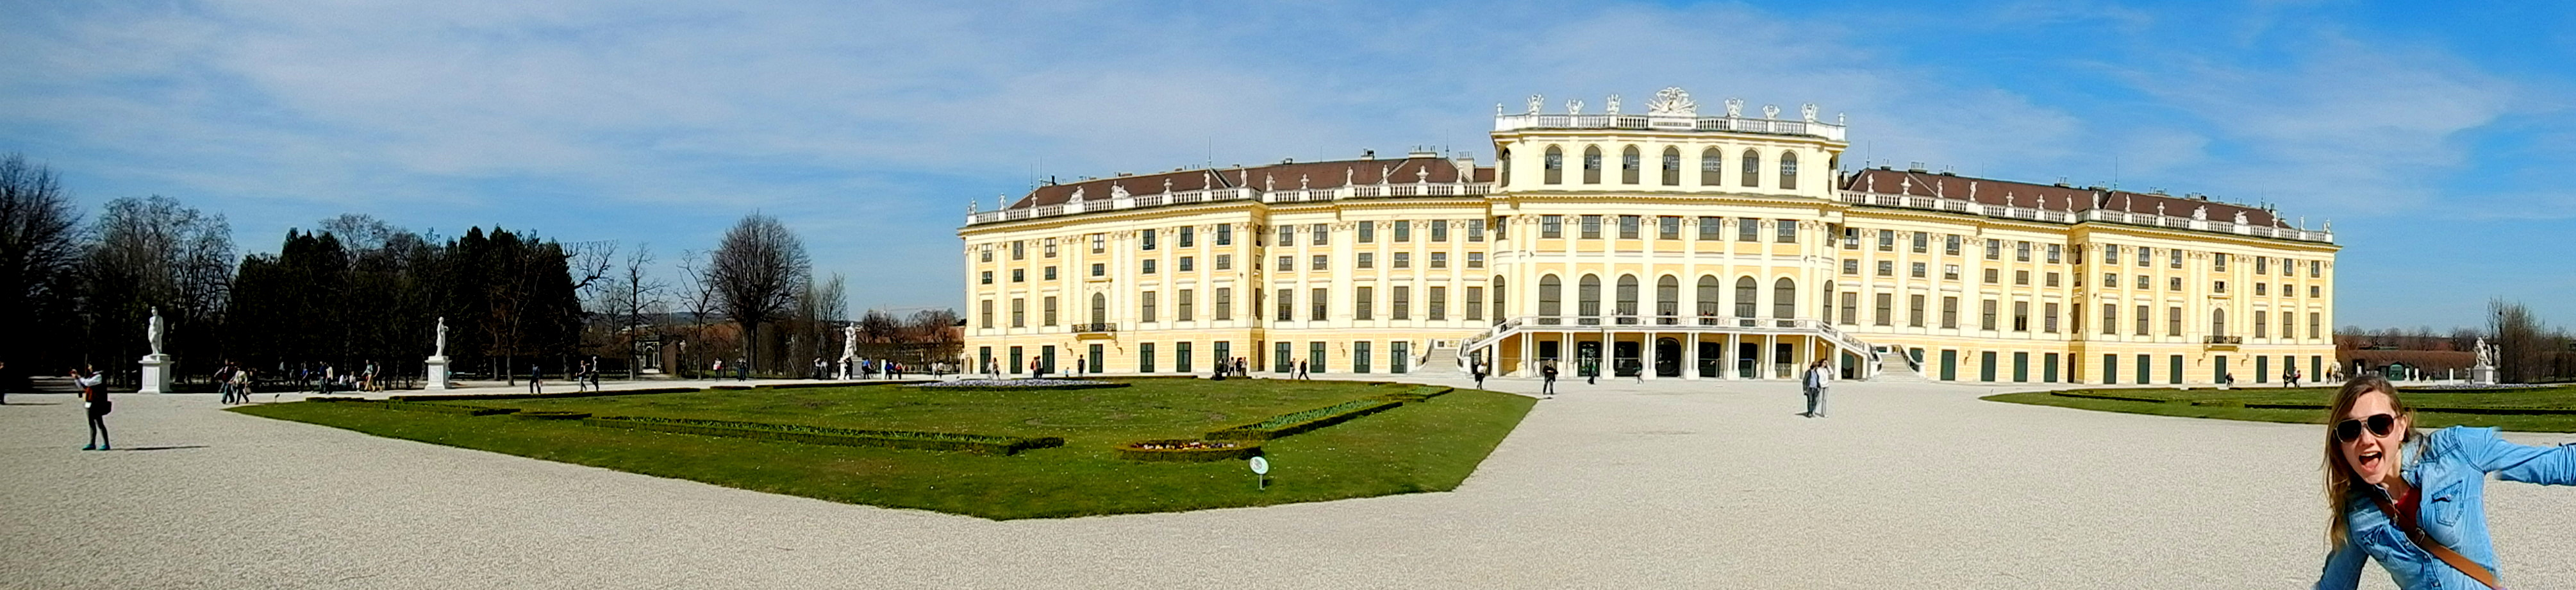 Schönbrunn Palace in Vienna, Austria